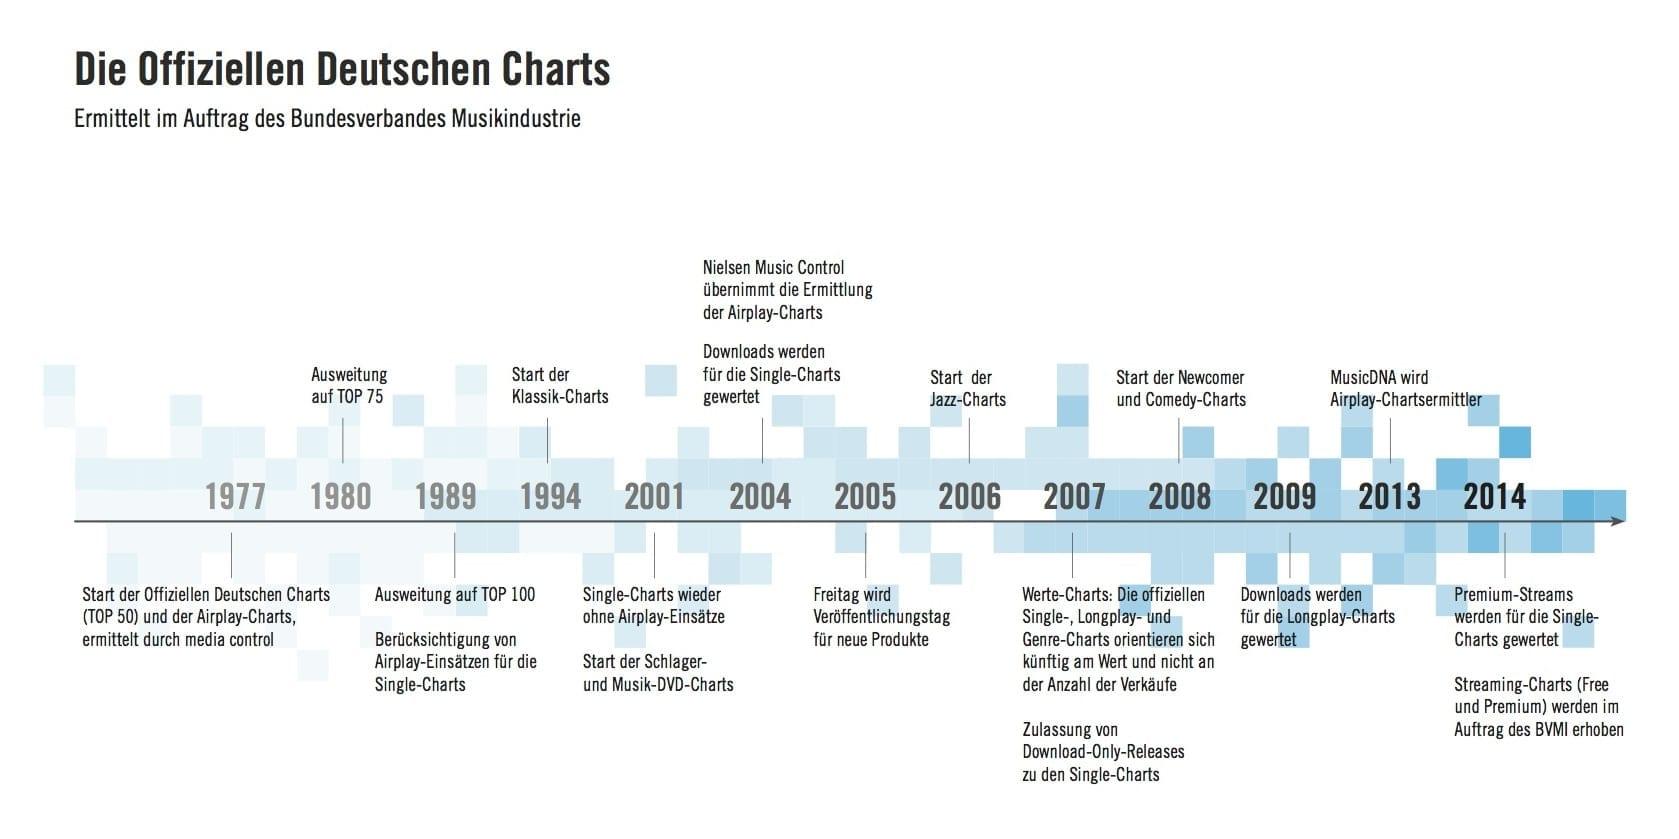 deutschland single charts aktuell